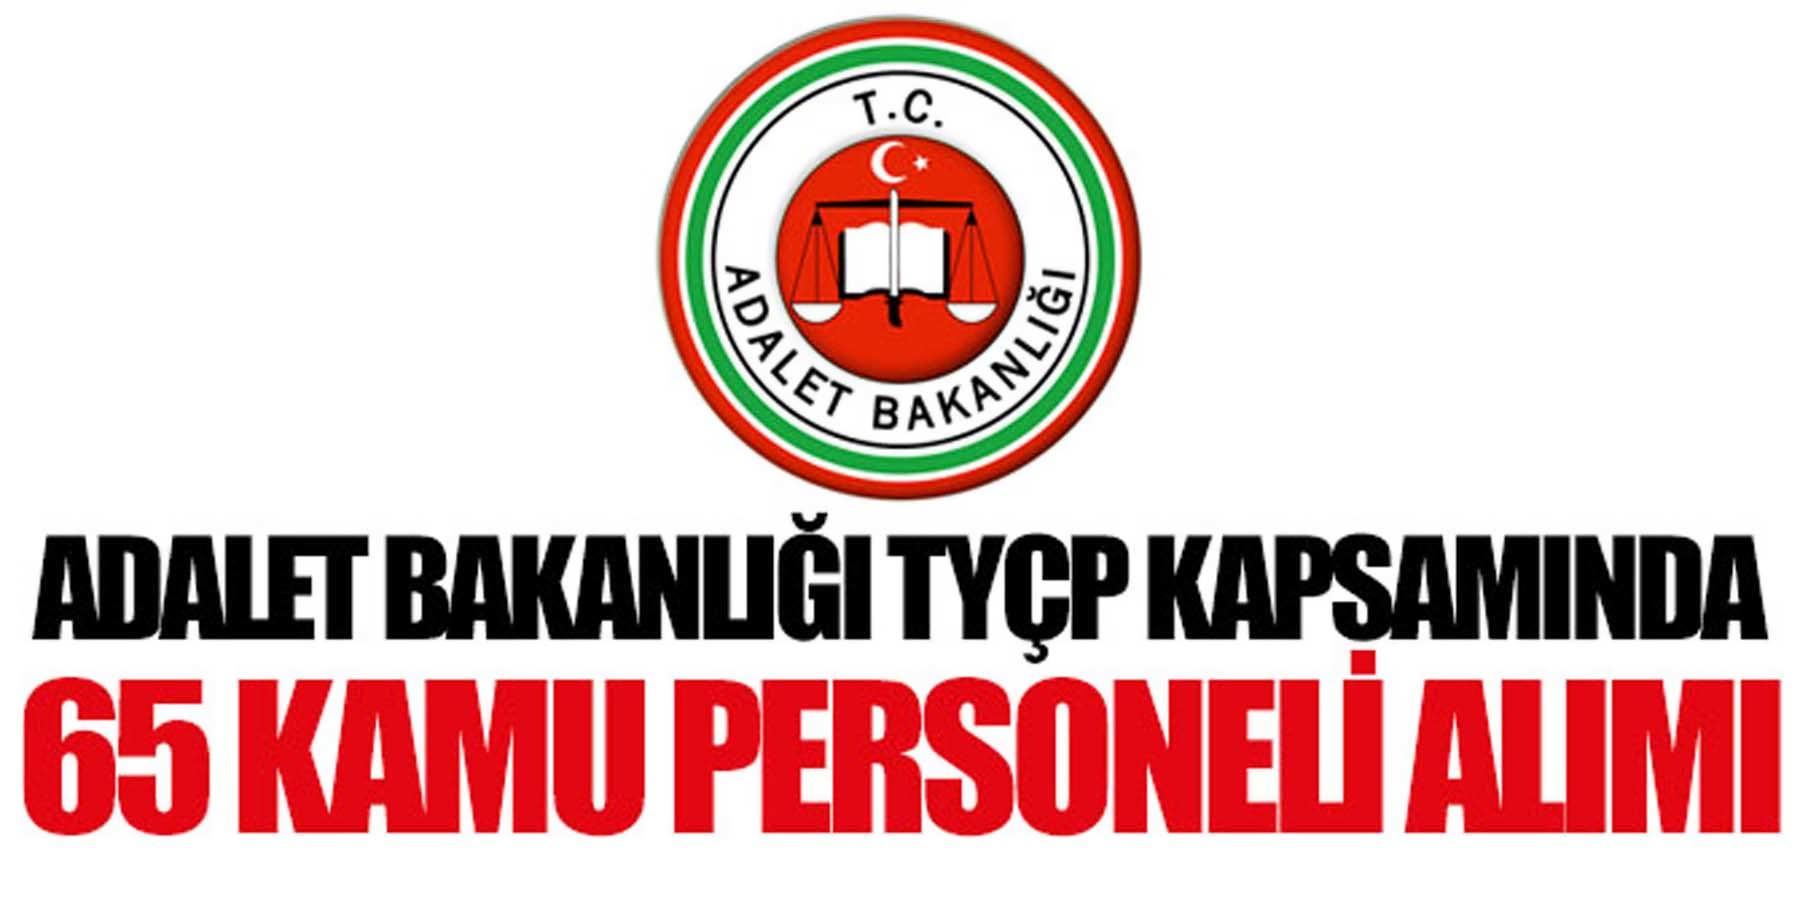 TYÇP Kapsamında Adalet Bakanlığı 65 Kamu Personeli Alımı